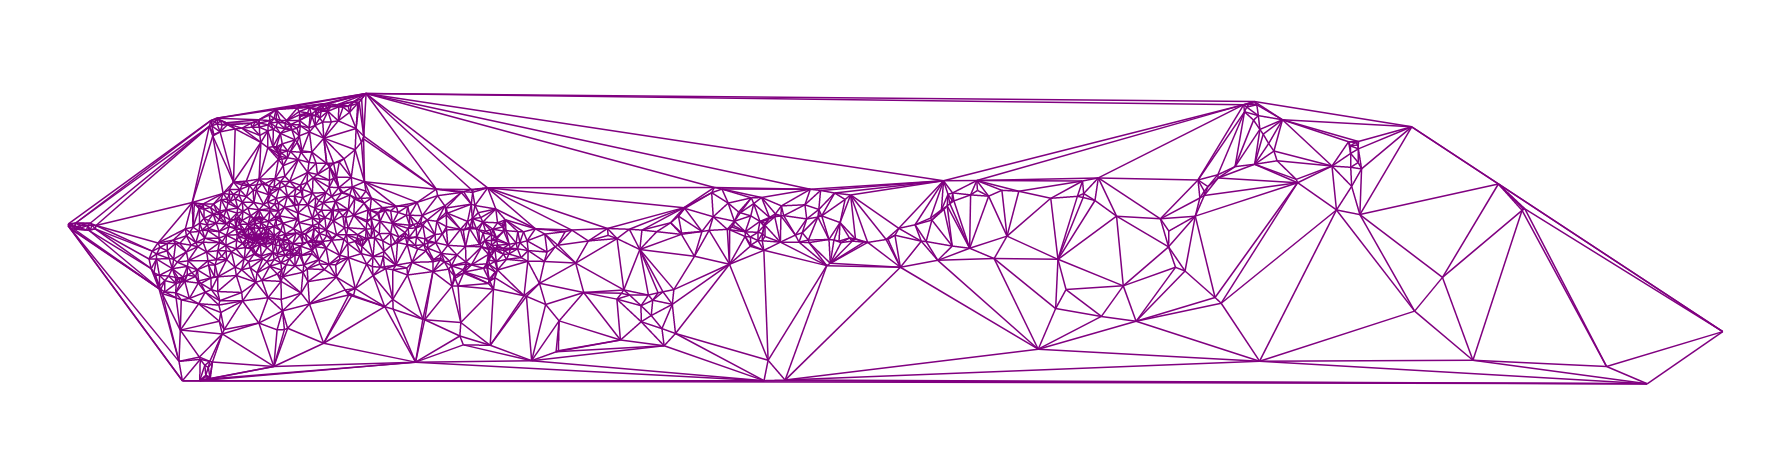 Алгоритм триангуляции Делоне методом заметающей прямой - 34